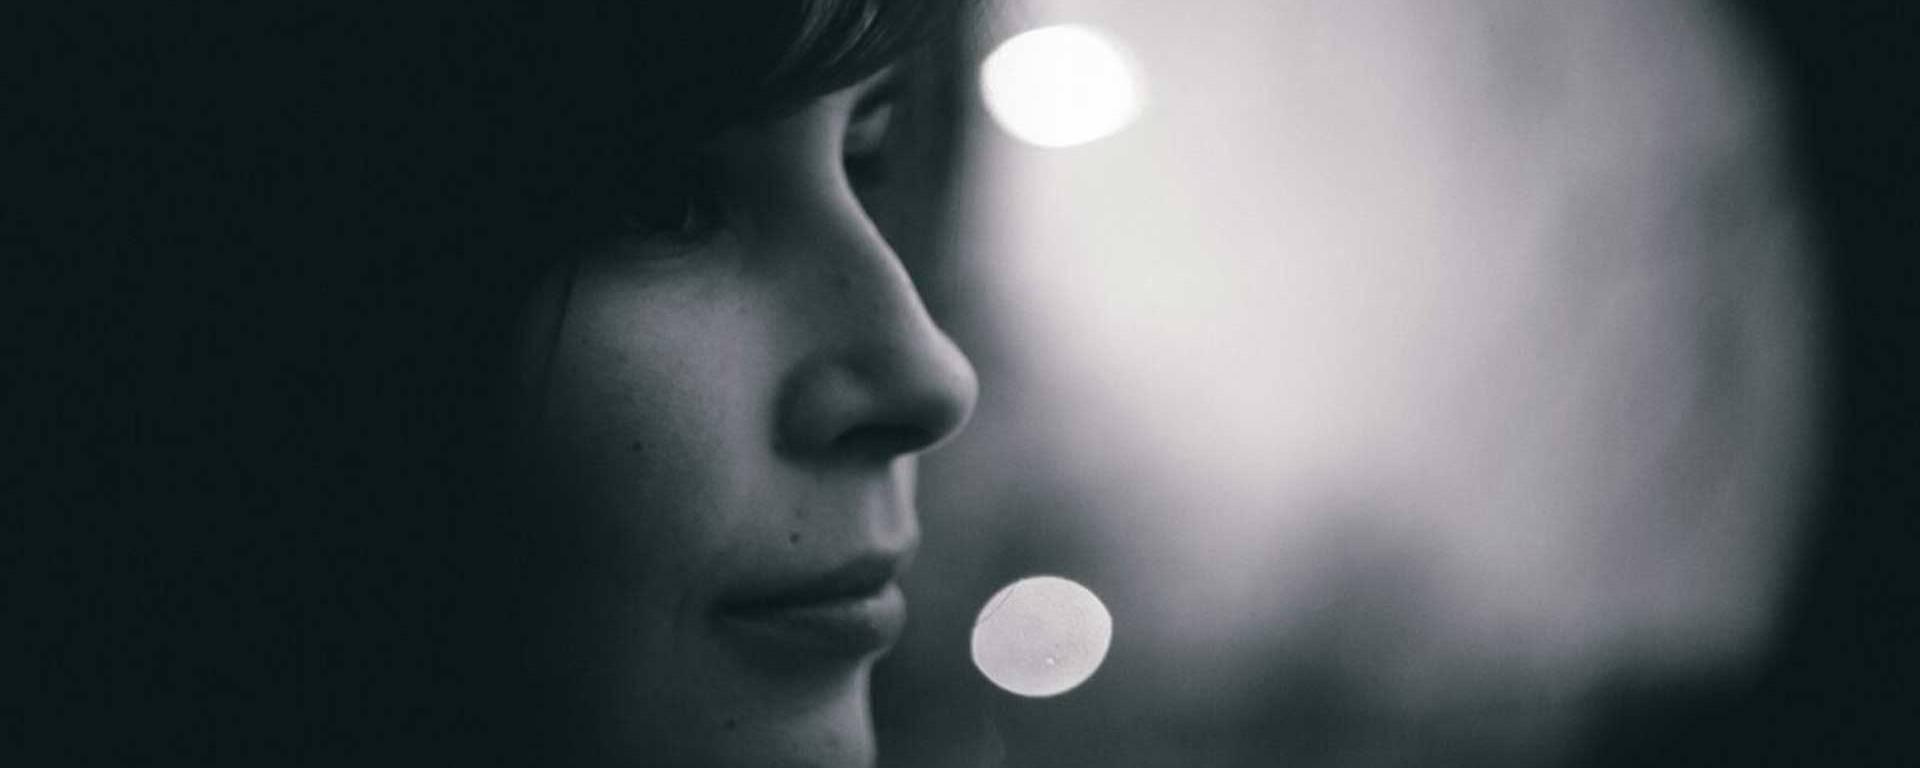 Αναγνώριση αρνητικών συναισθημάτων Κατάθλιψη